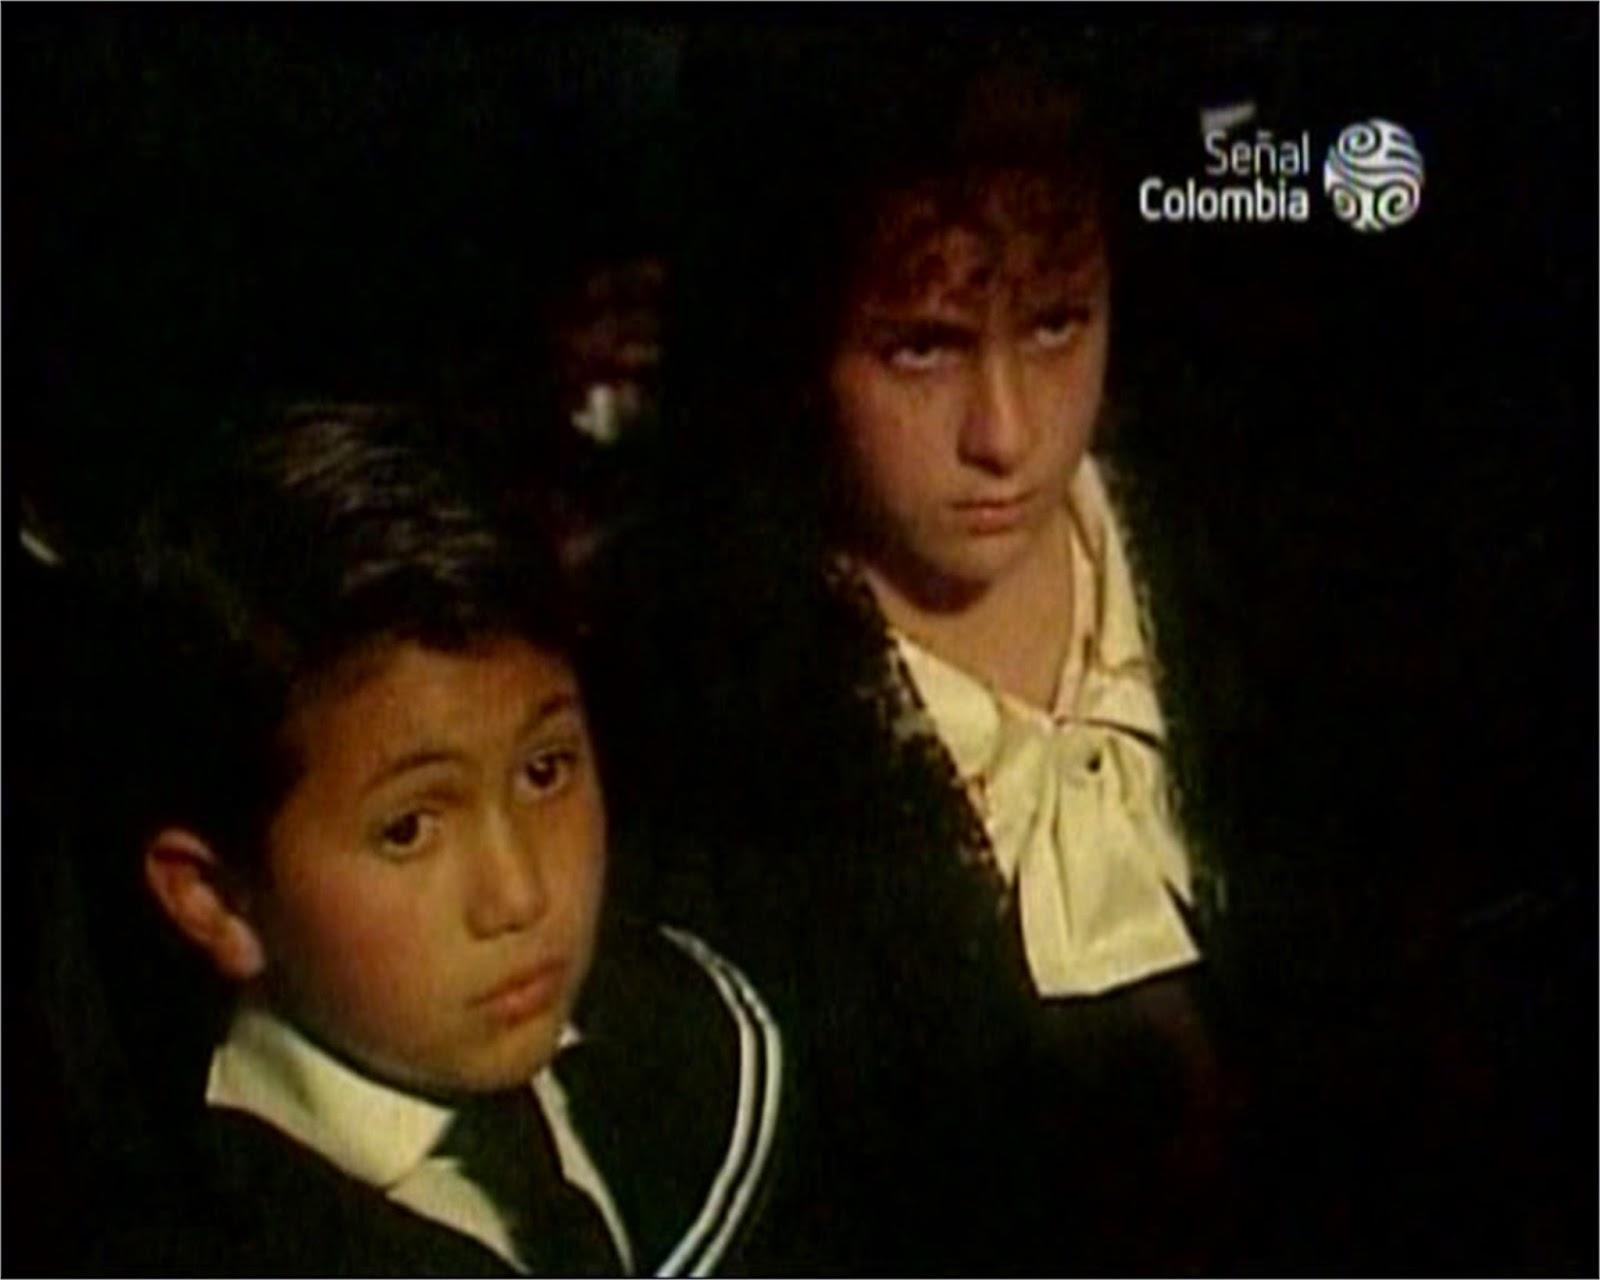 Danna García fotos..La Casa de las dos Palmas 1990 - Página 3 EVANGELINA+(DANNA+GARCIA+NI%C3%91A)+ZZ%C3%91